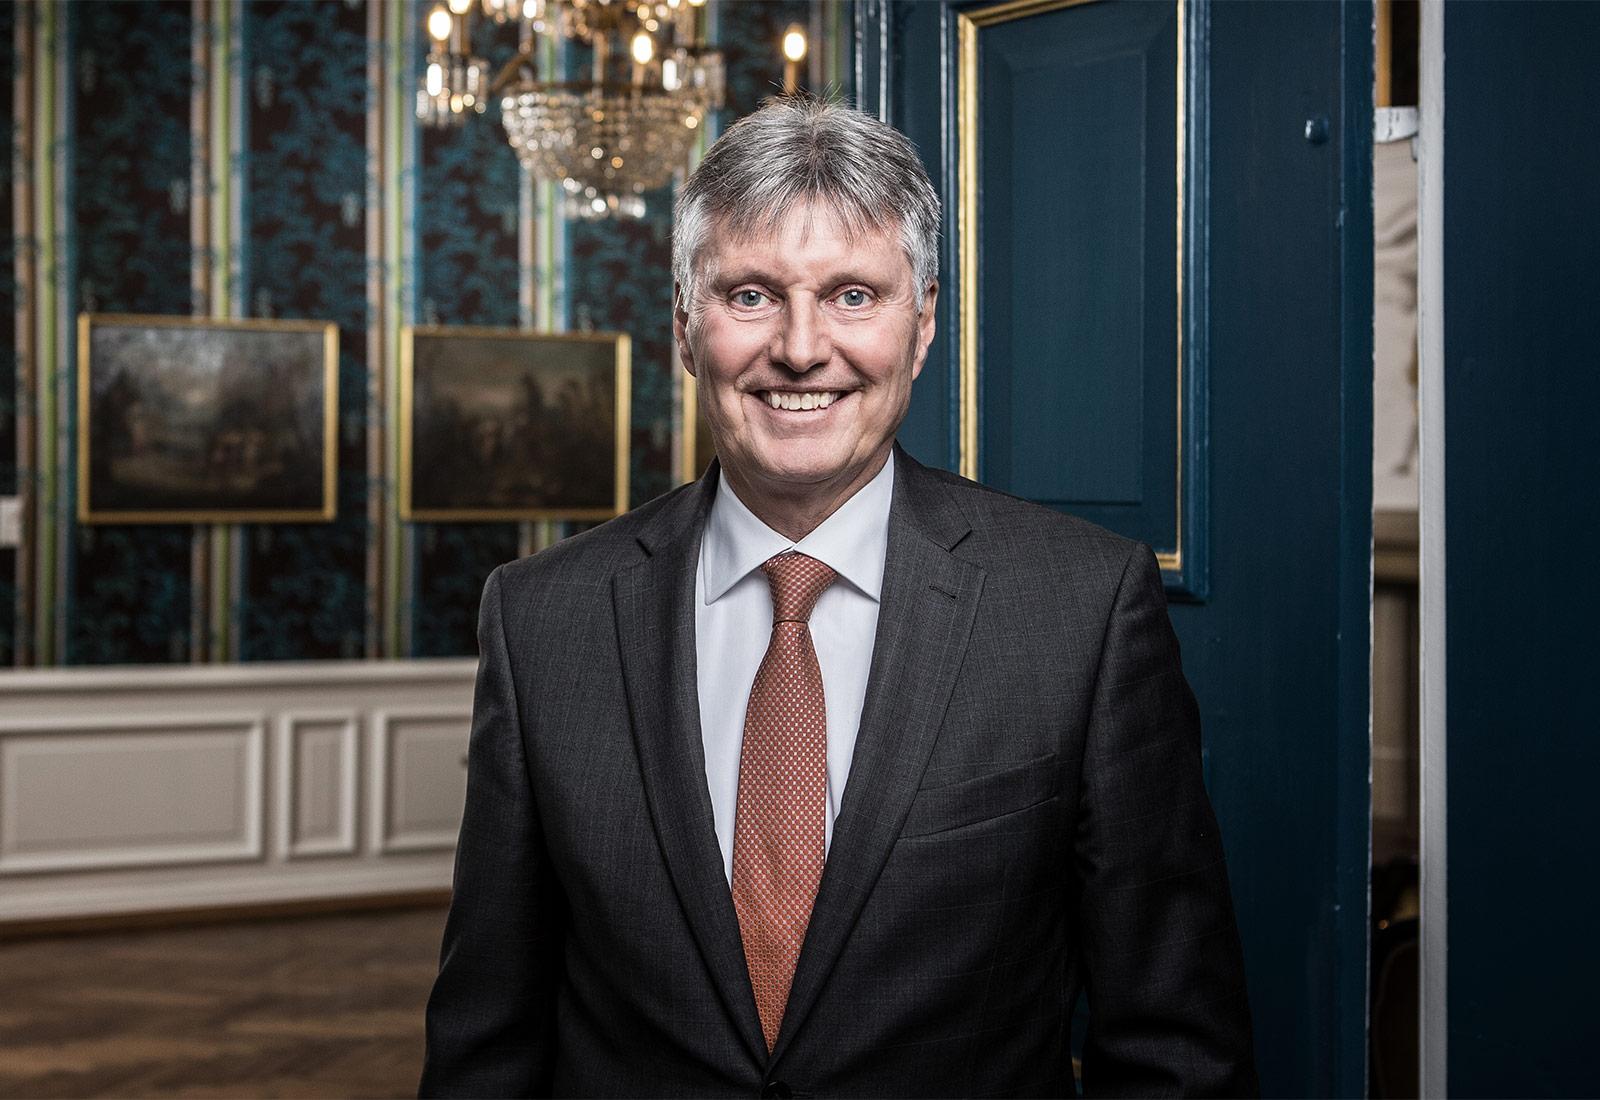 Hans Jürgen Palm